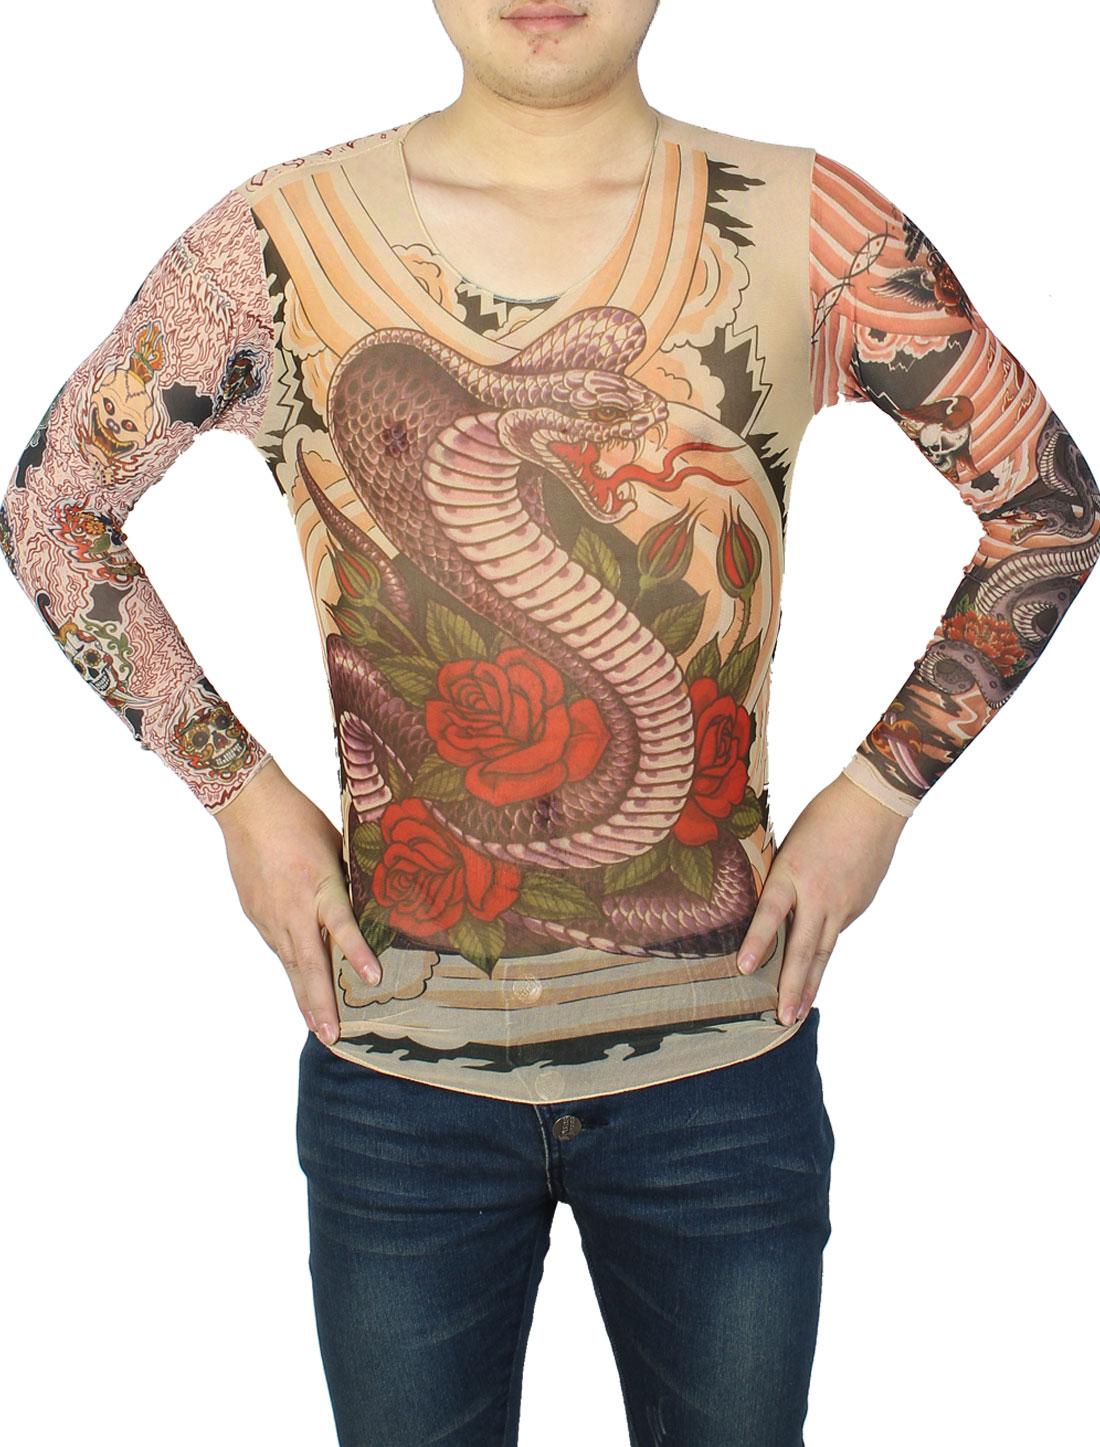 Long Sleeve Meshy Design Dark Purple Snake Print Tattoo T-Shirt S for Men